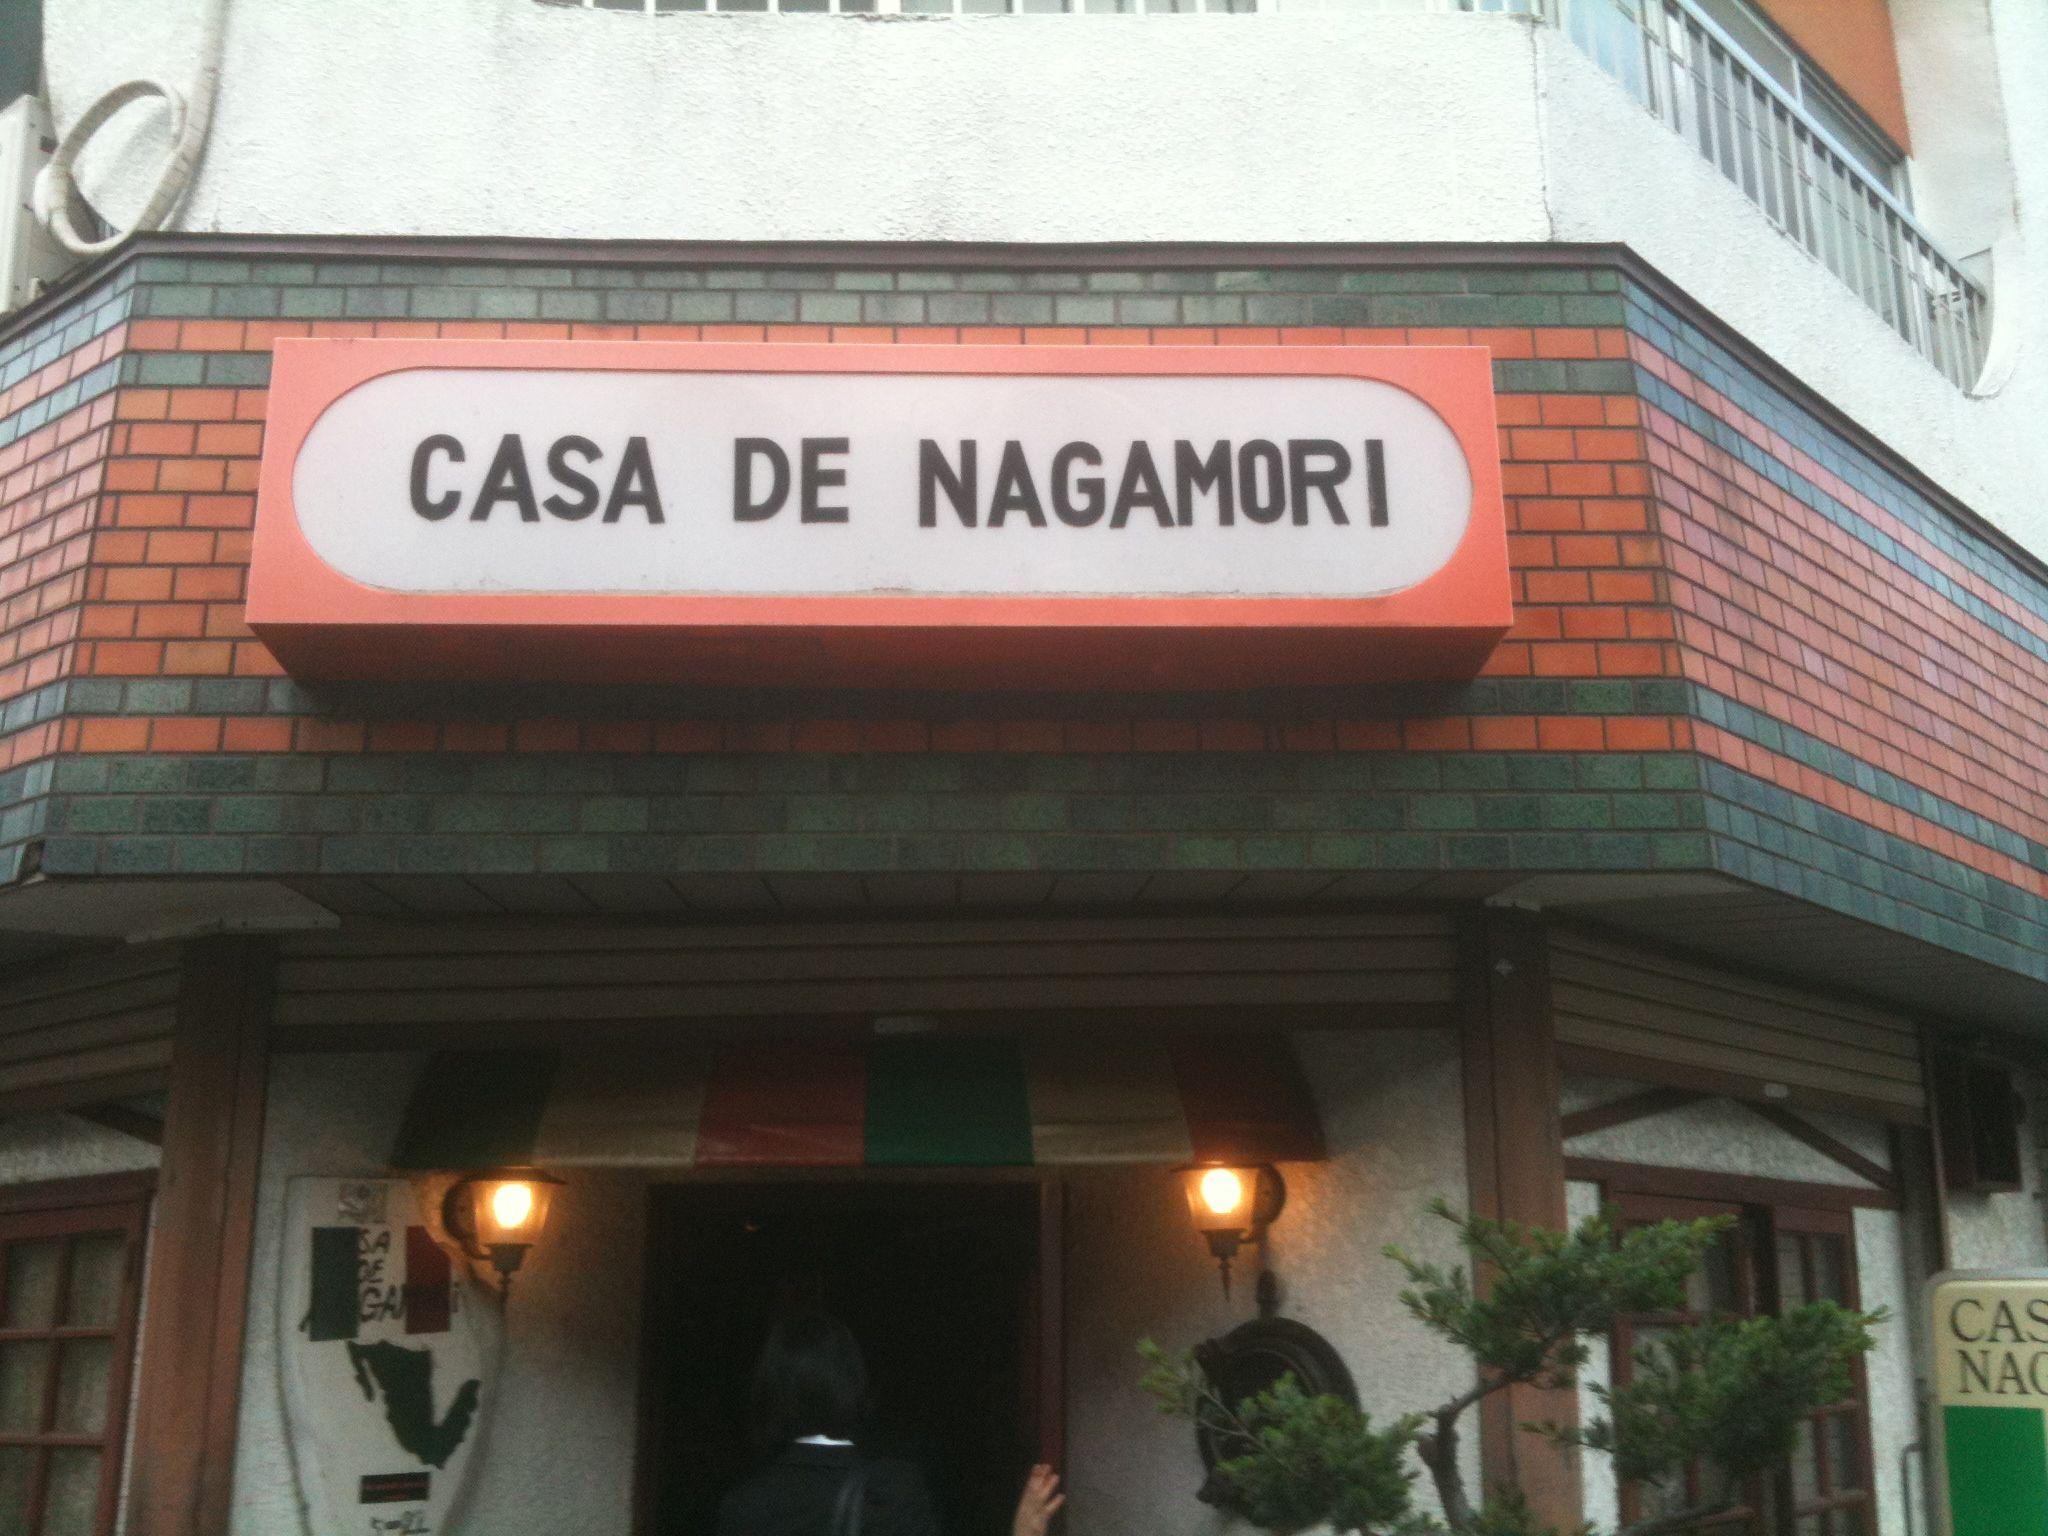 カサ・デ・ナガモリ